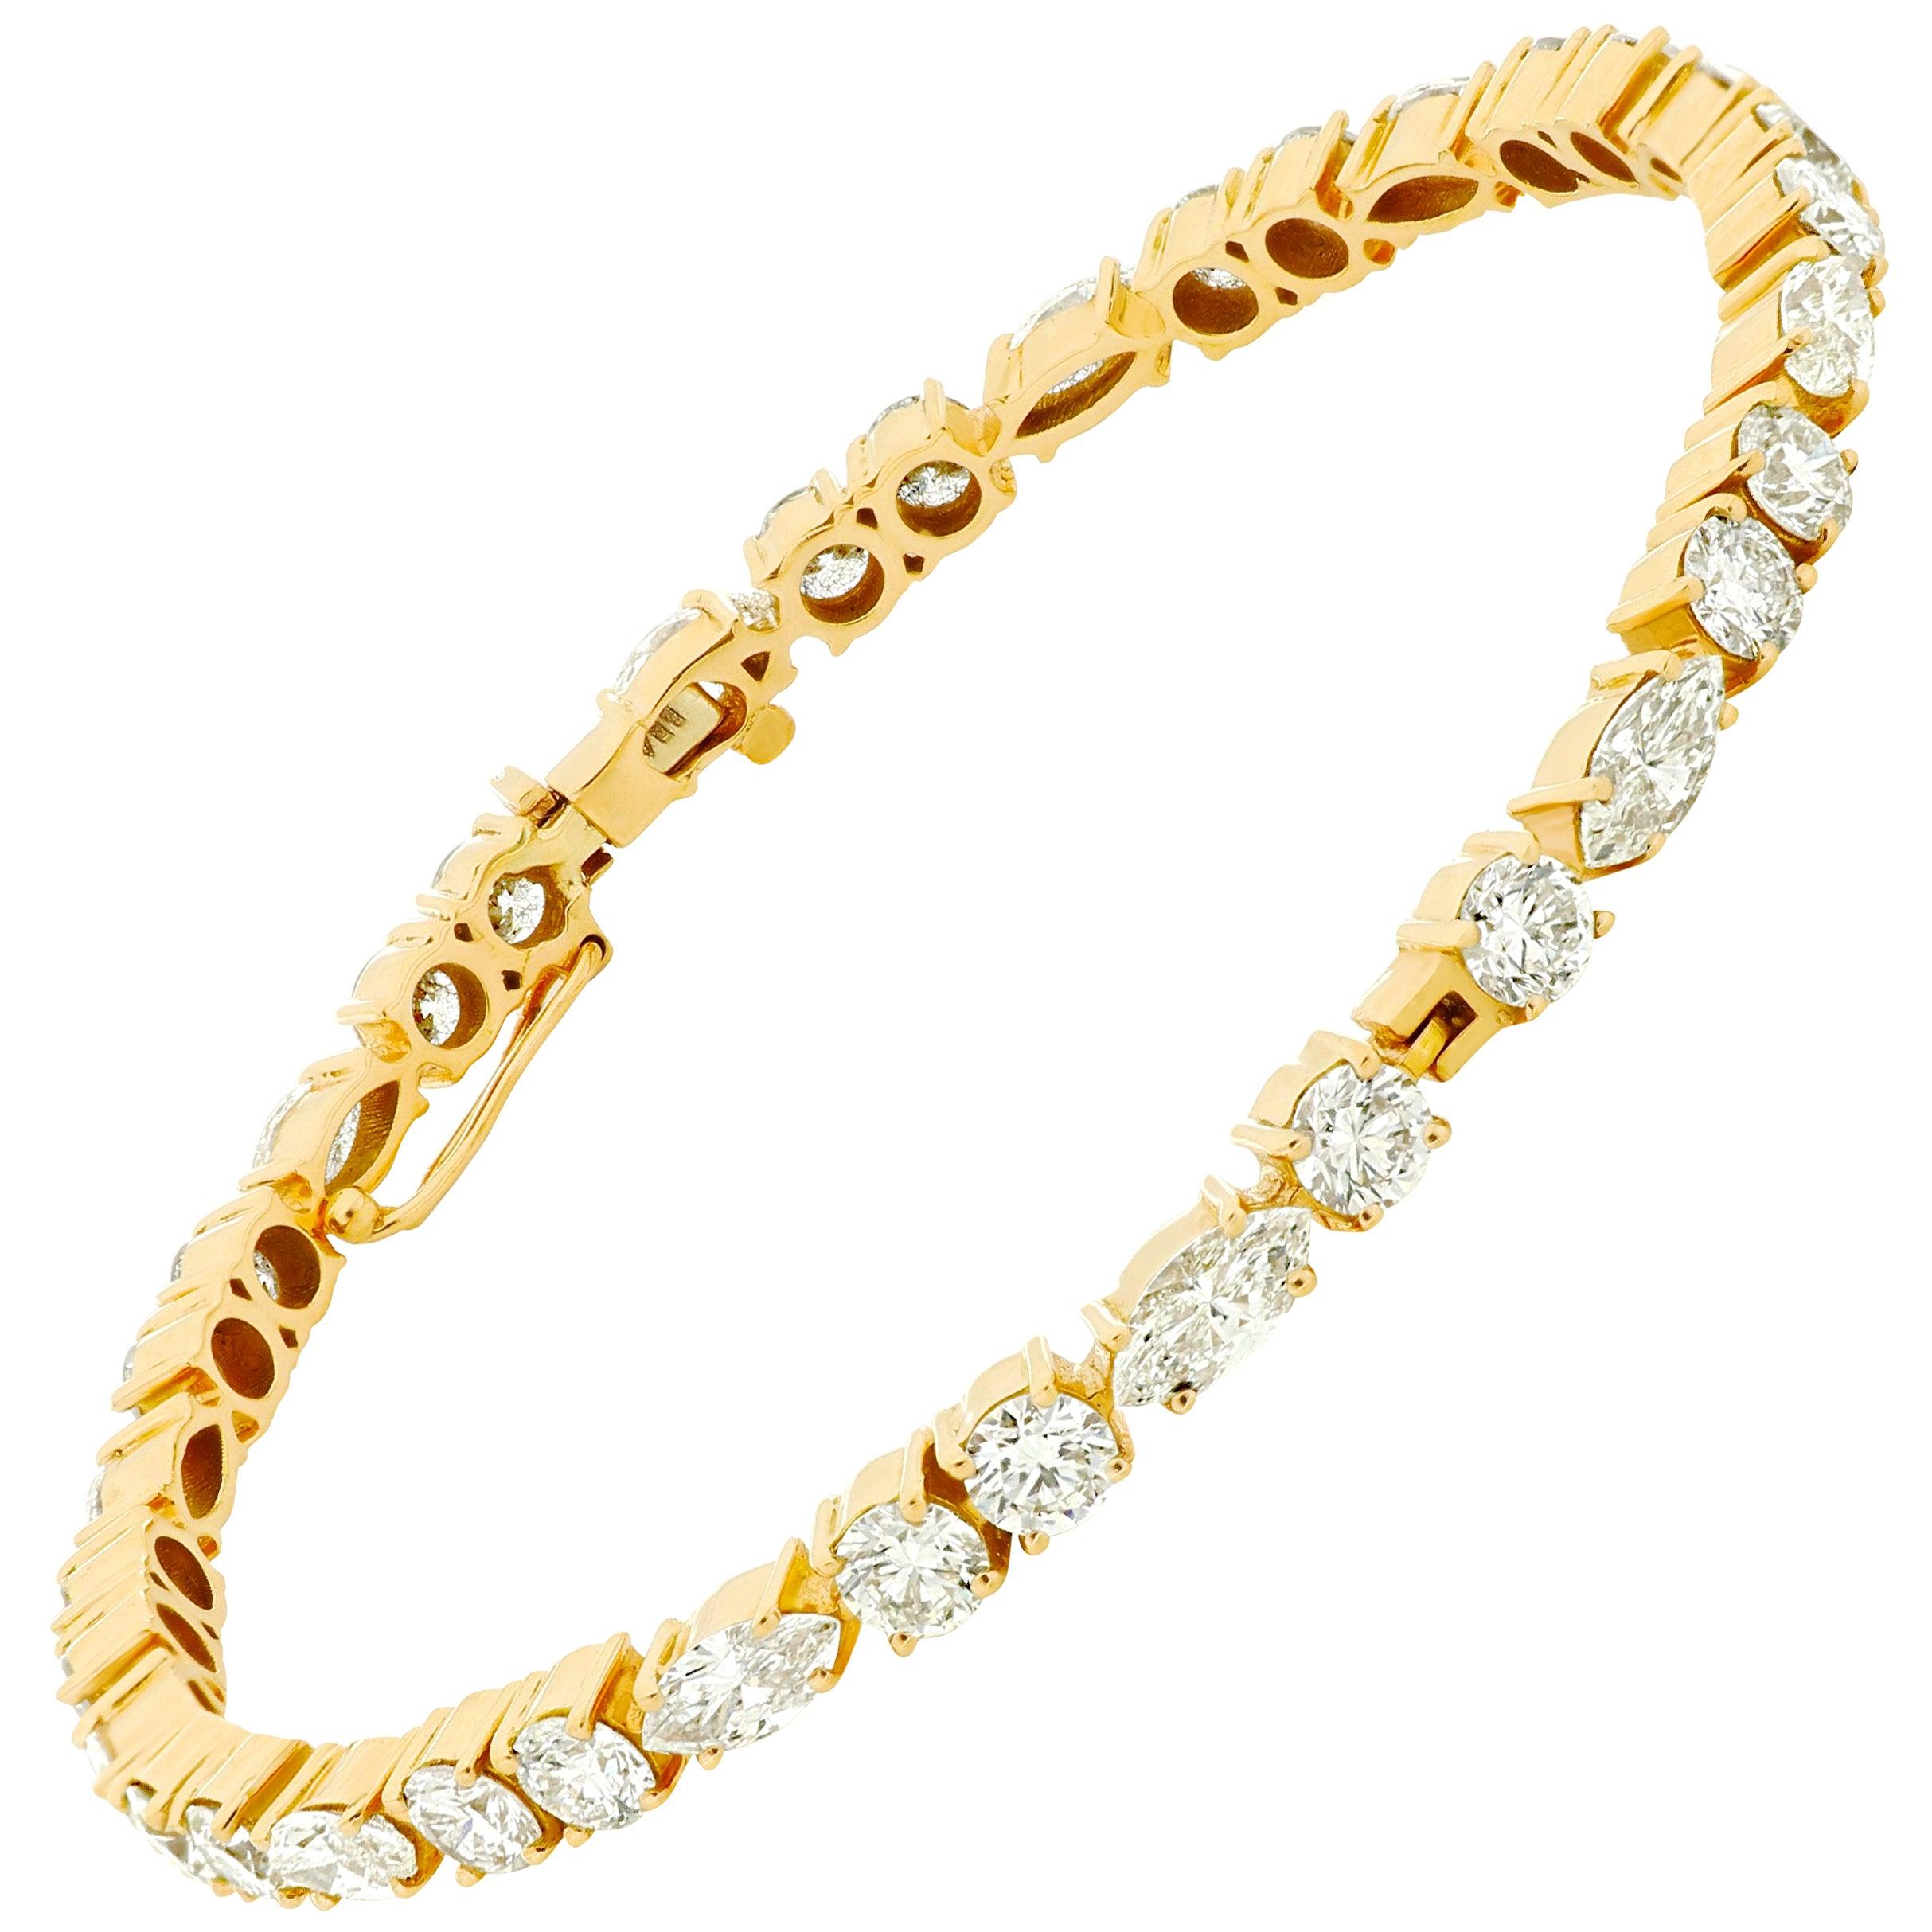 Amwaj Jewellery Marquise and Round Cut Diamond Bangle